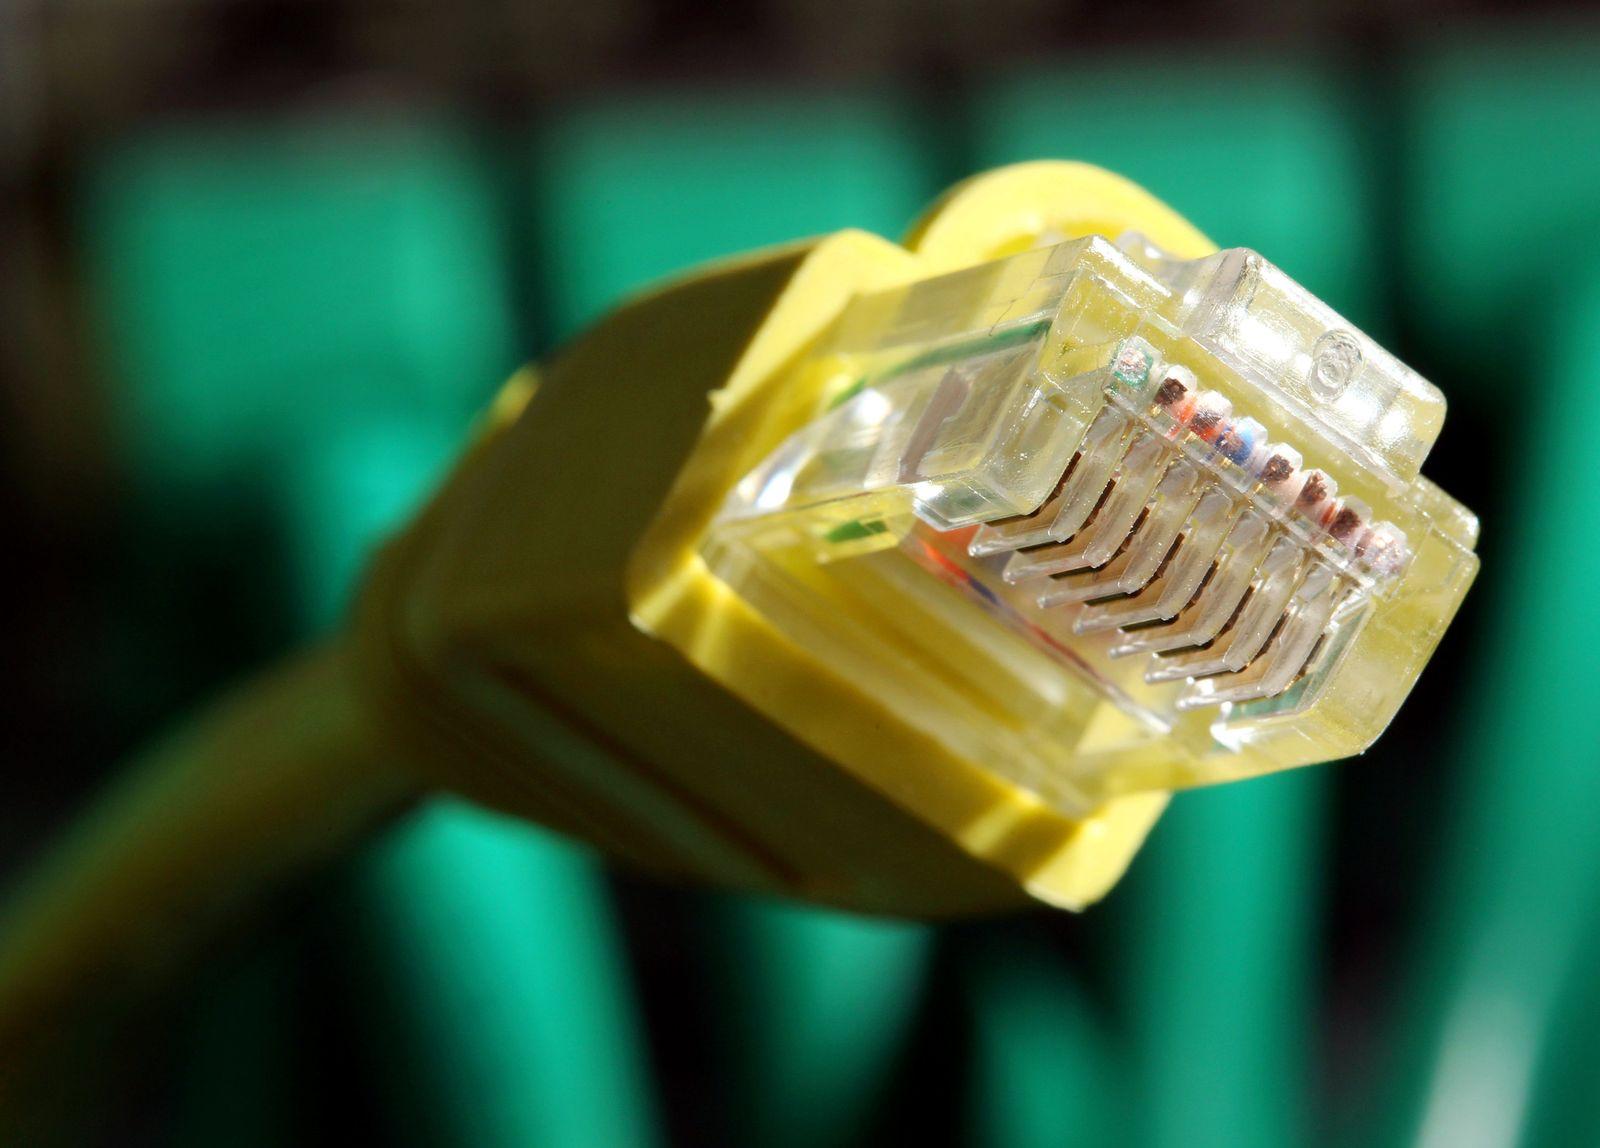 Netzneutralität, Netzwerk, Ethernet